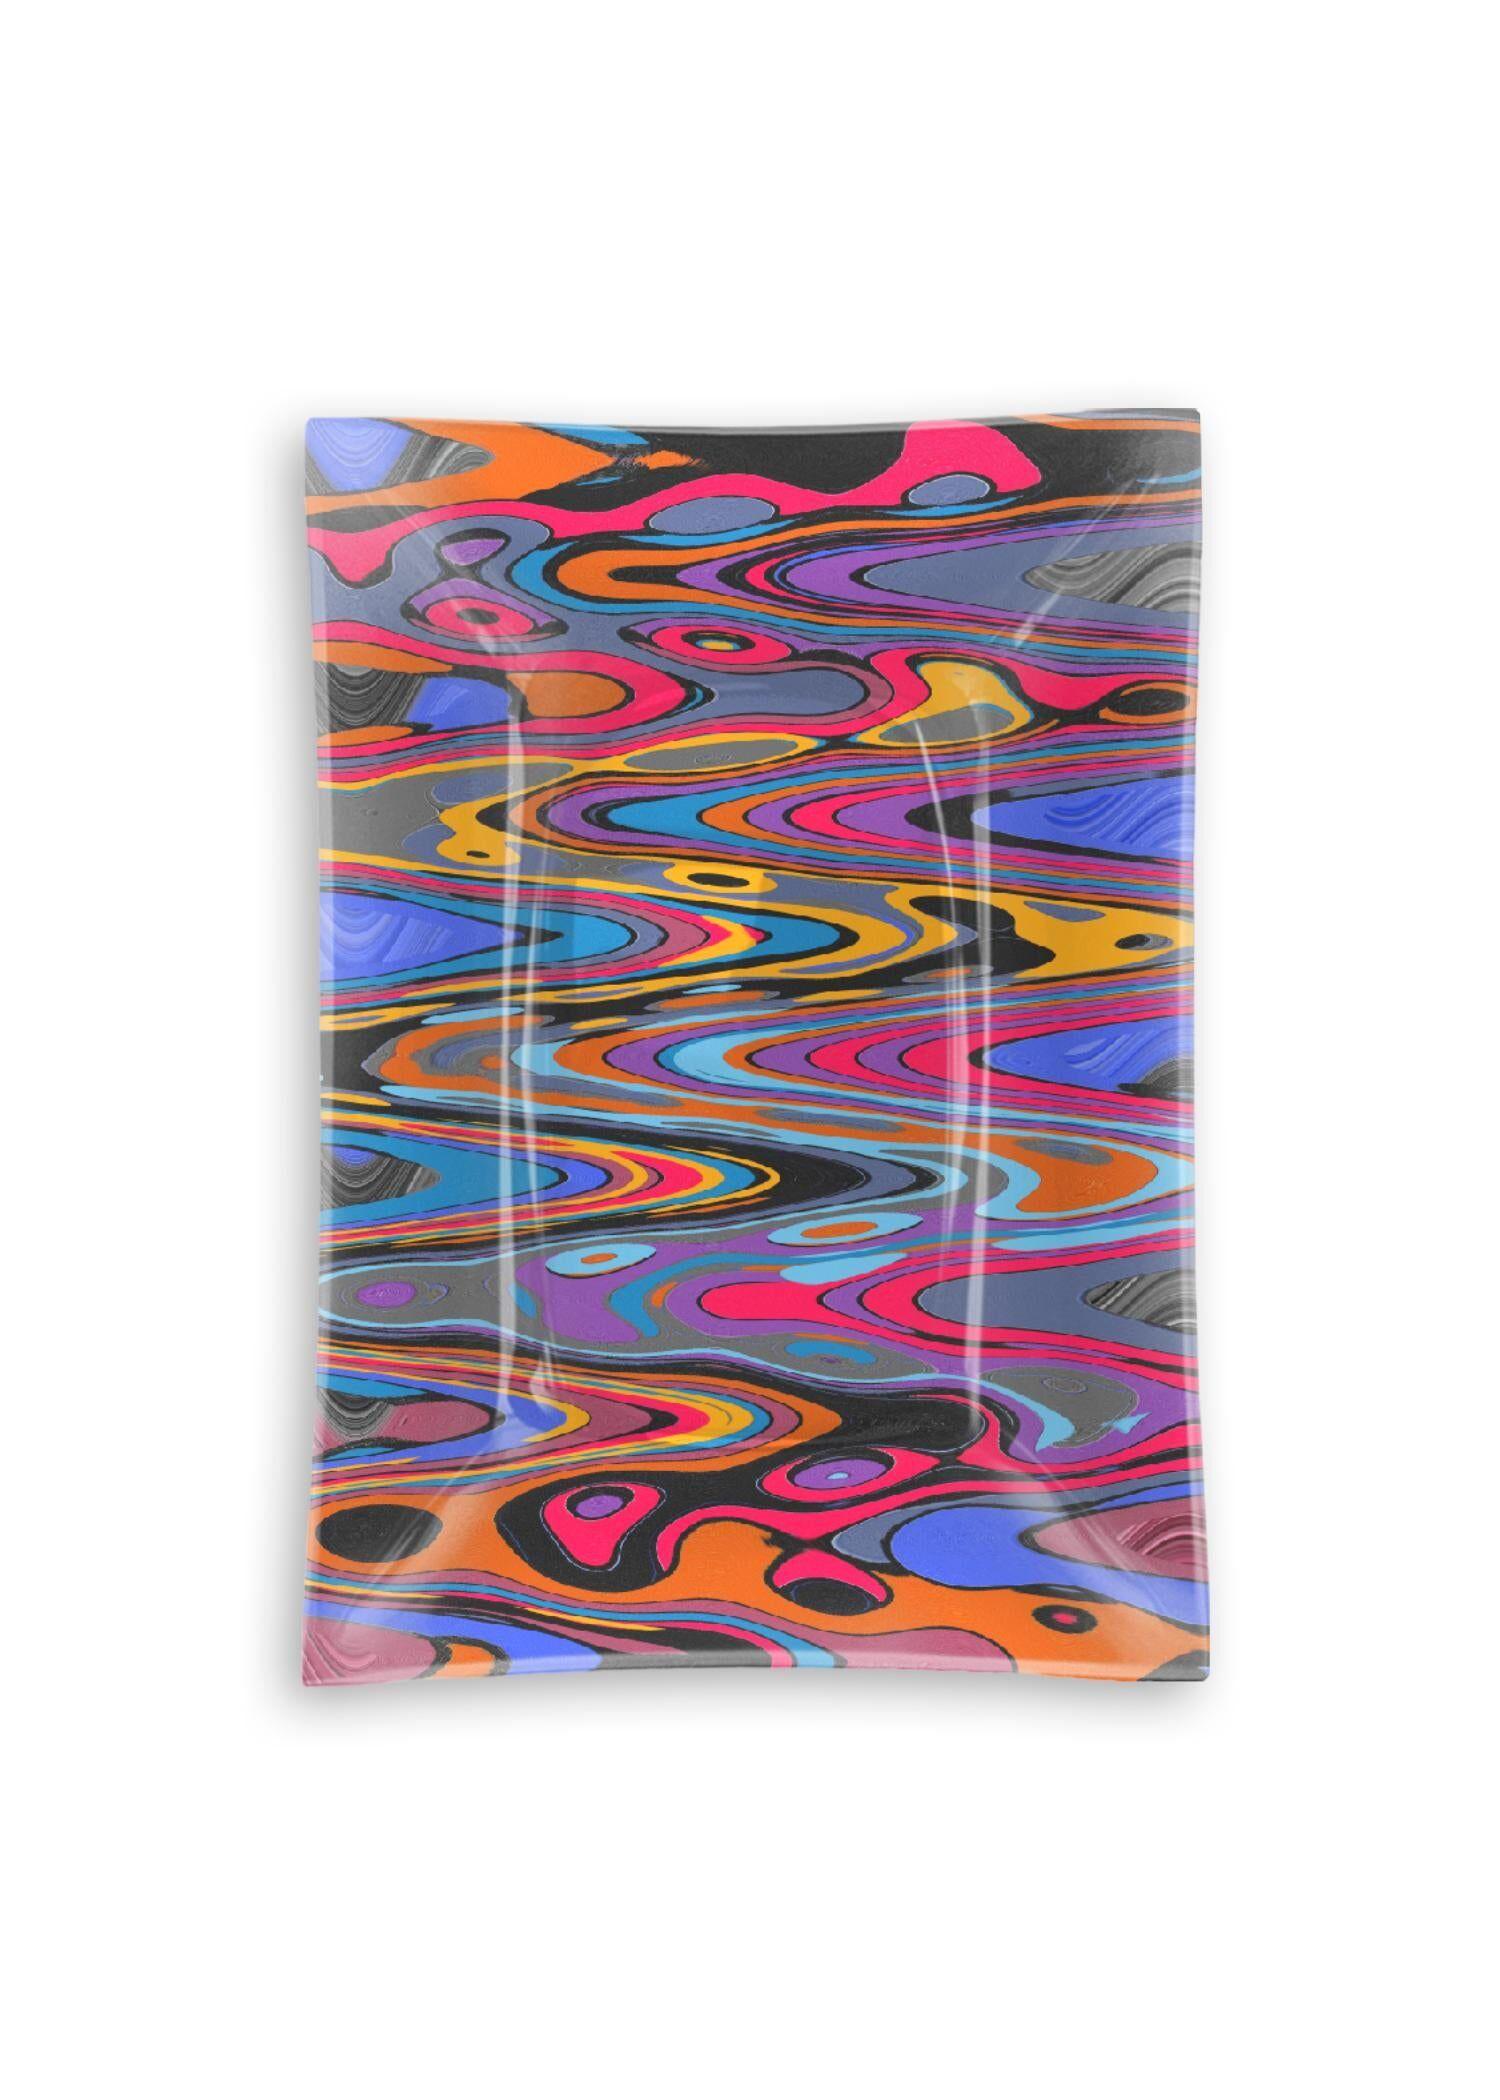 VIDA Oblong Glass Tray - Vibration Pop Music 2021 by VIDA Original Artist  - Size: Medium